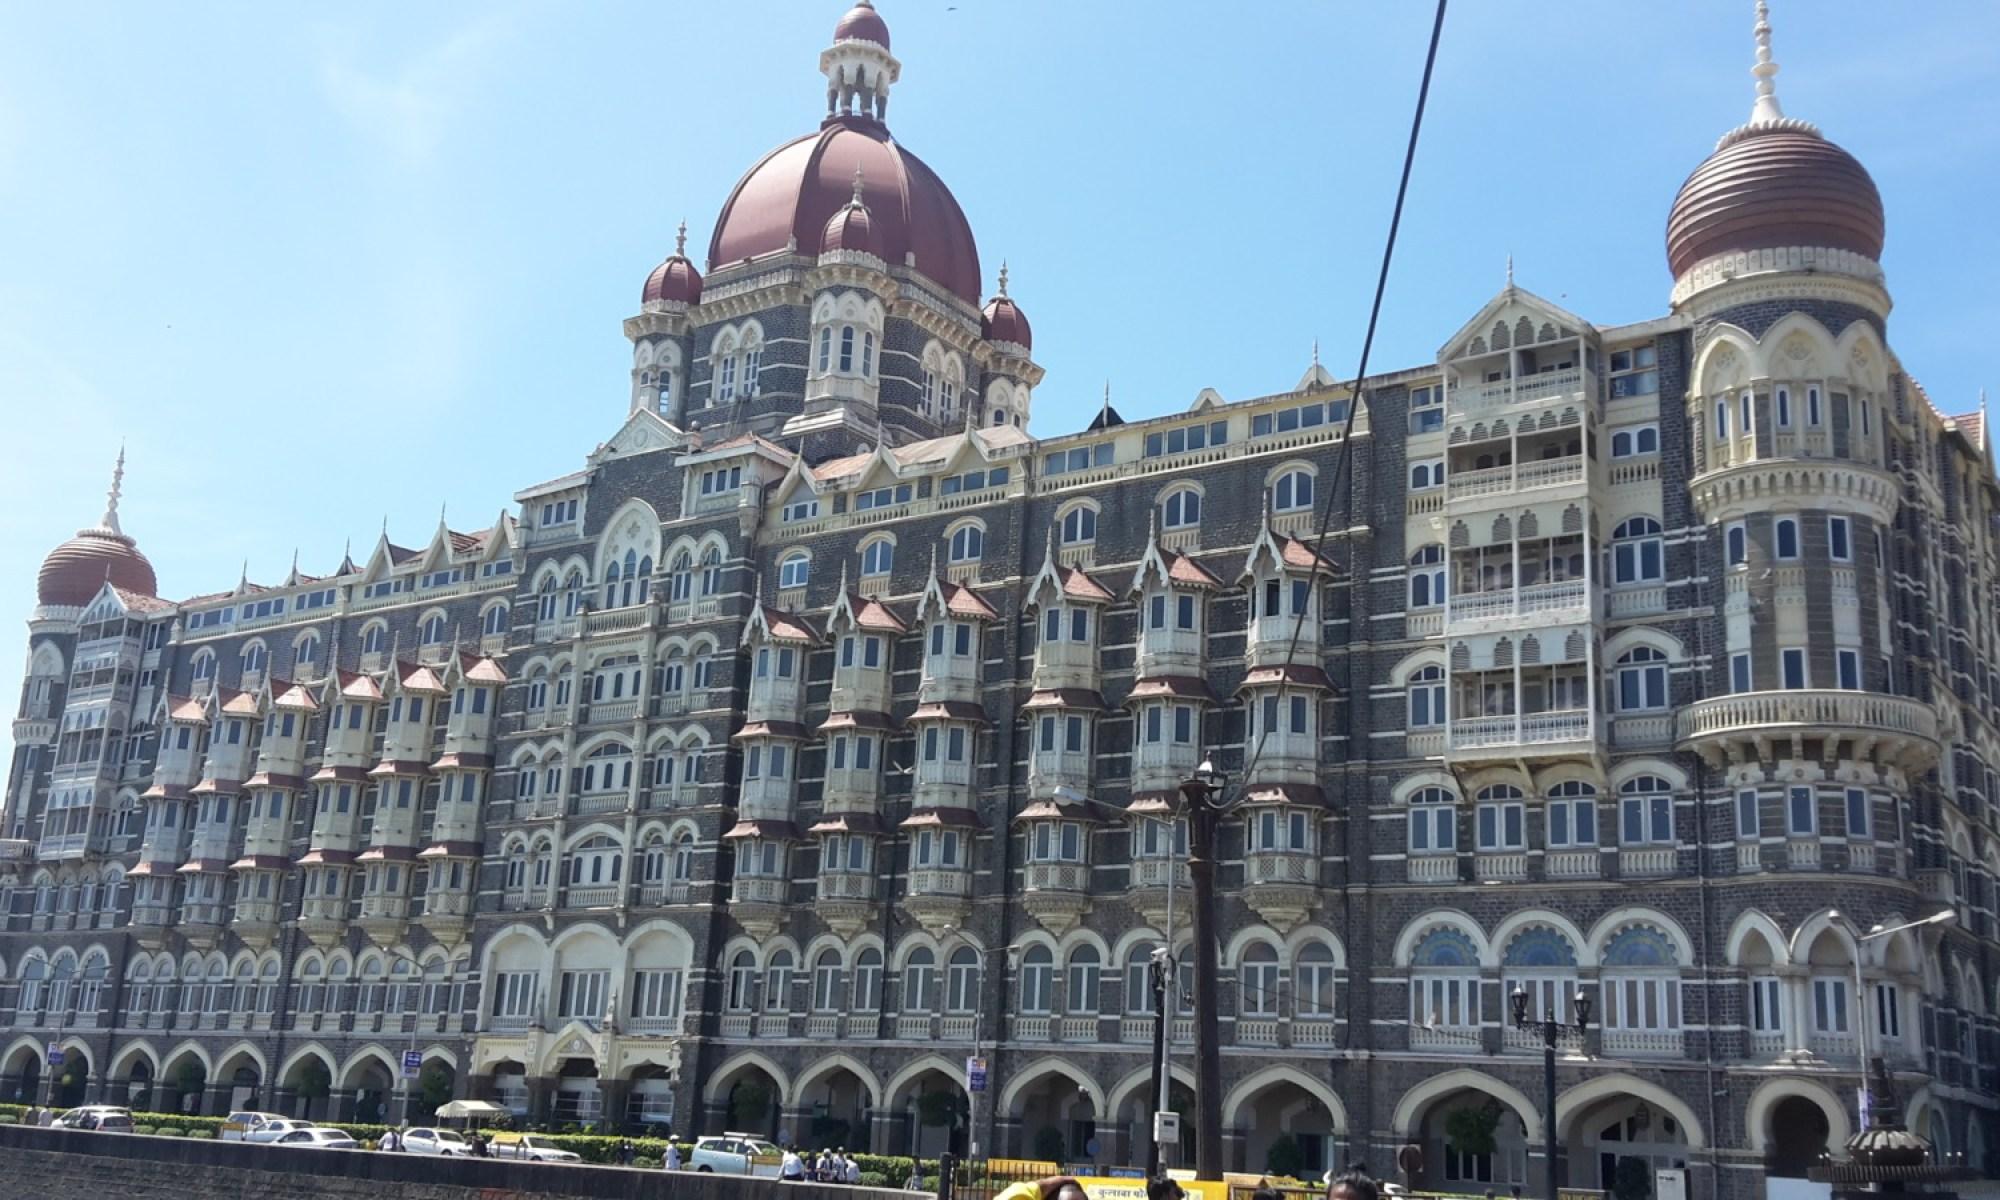 The Taj Mahal Palace Mumbai.